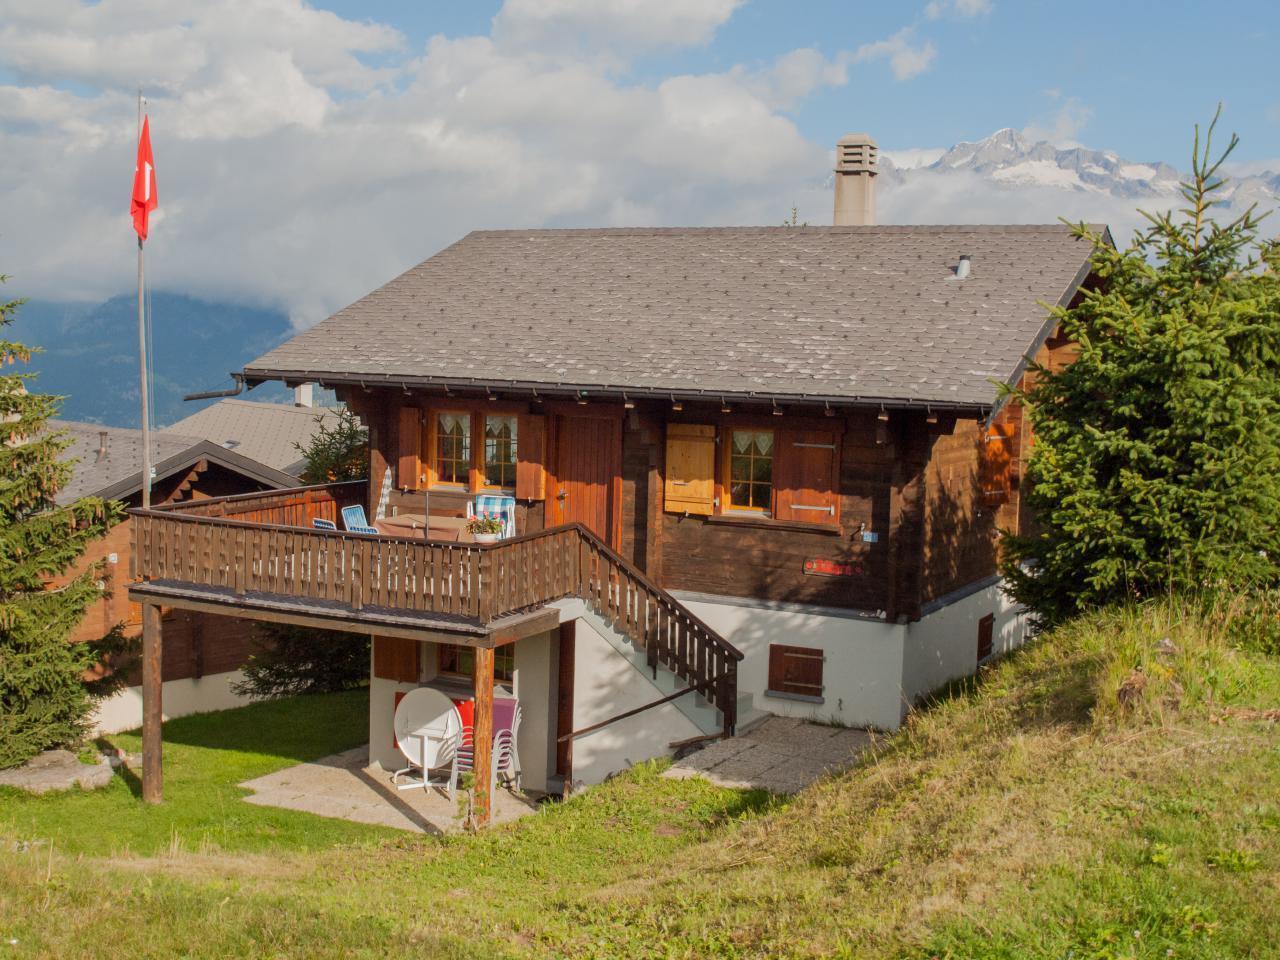 Ferienwohnung Chalet Allegra | Ferienwohnung in den Alpen (2245630), Rosswald, Brig - Simplon, Wallis, Schweiz, Bild 7